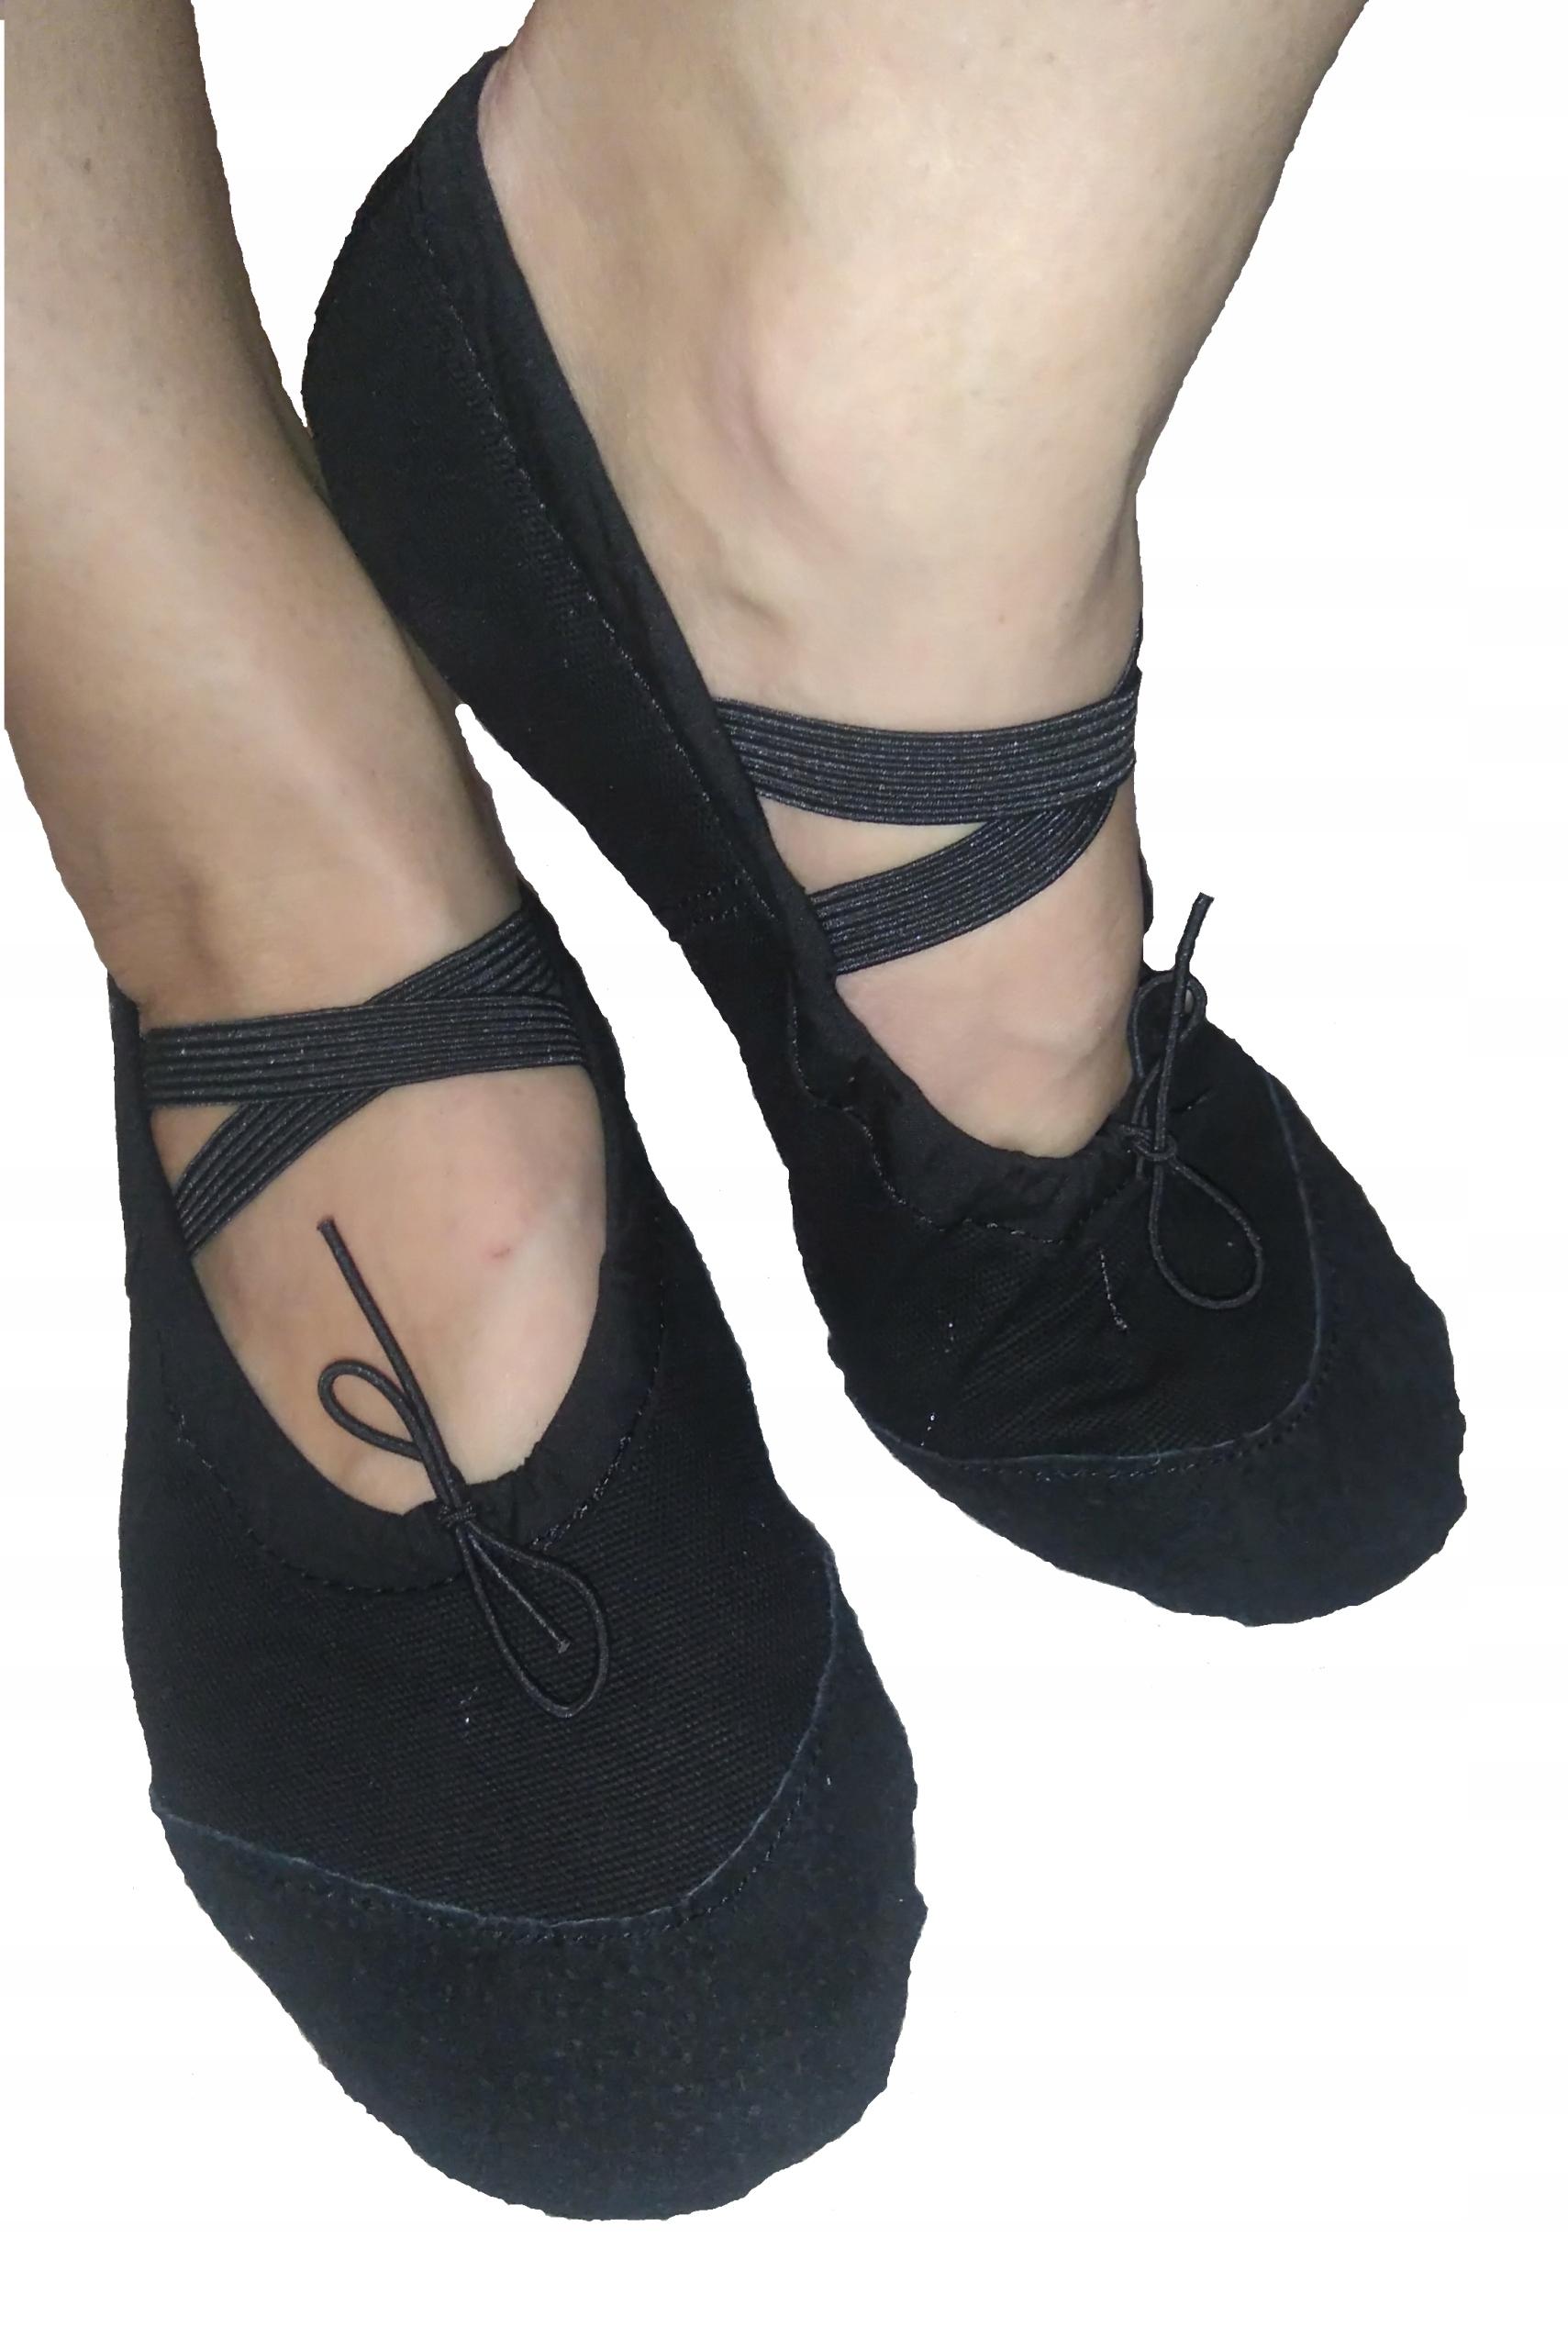 BALETKI Balerinki do tańca baletu KOLORY 30 czarne